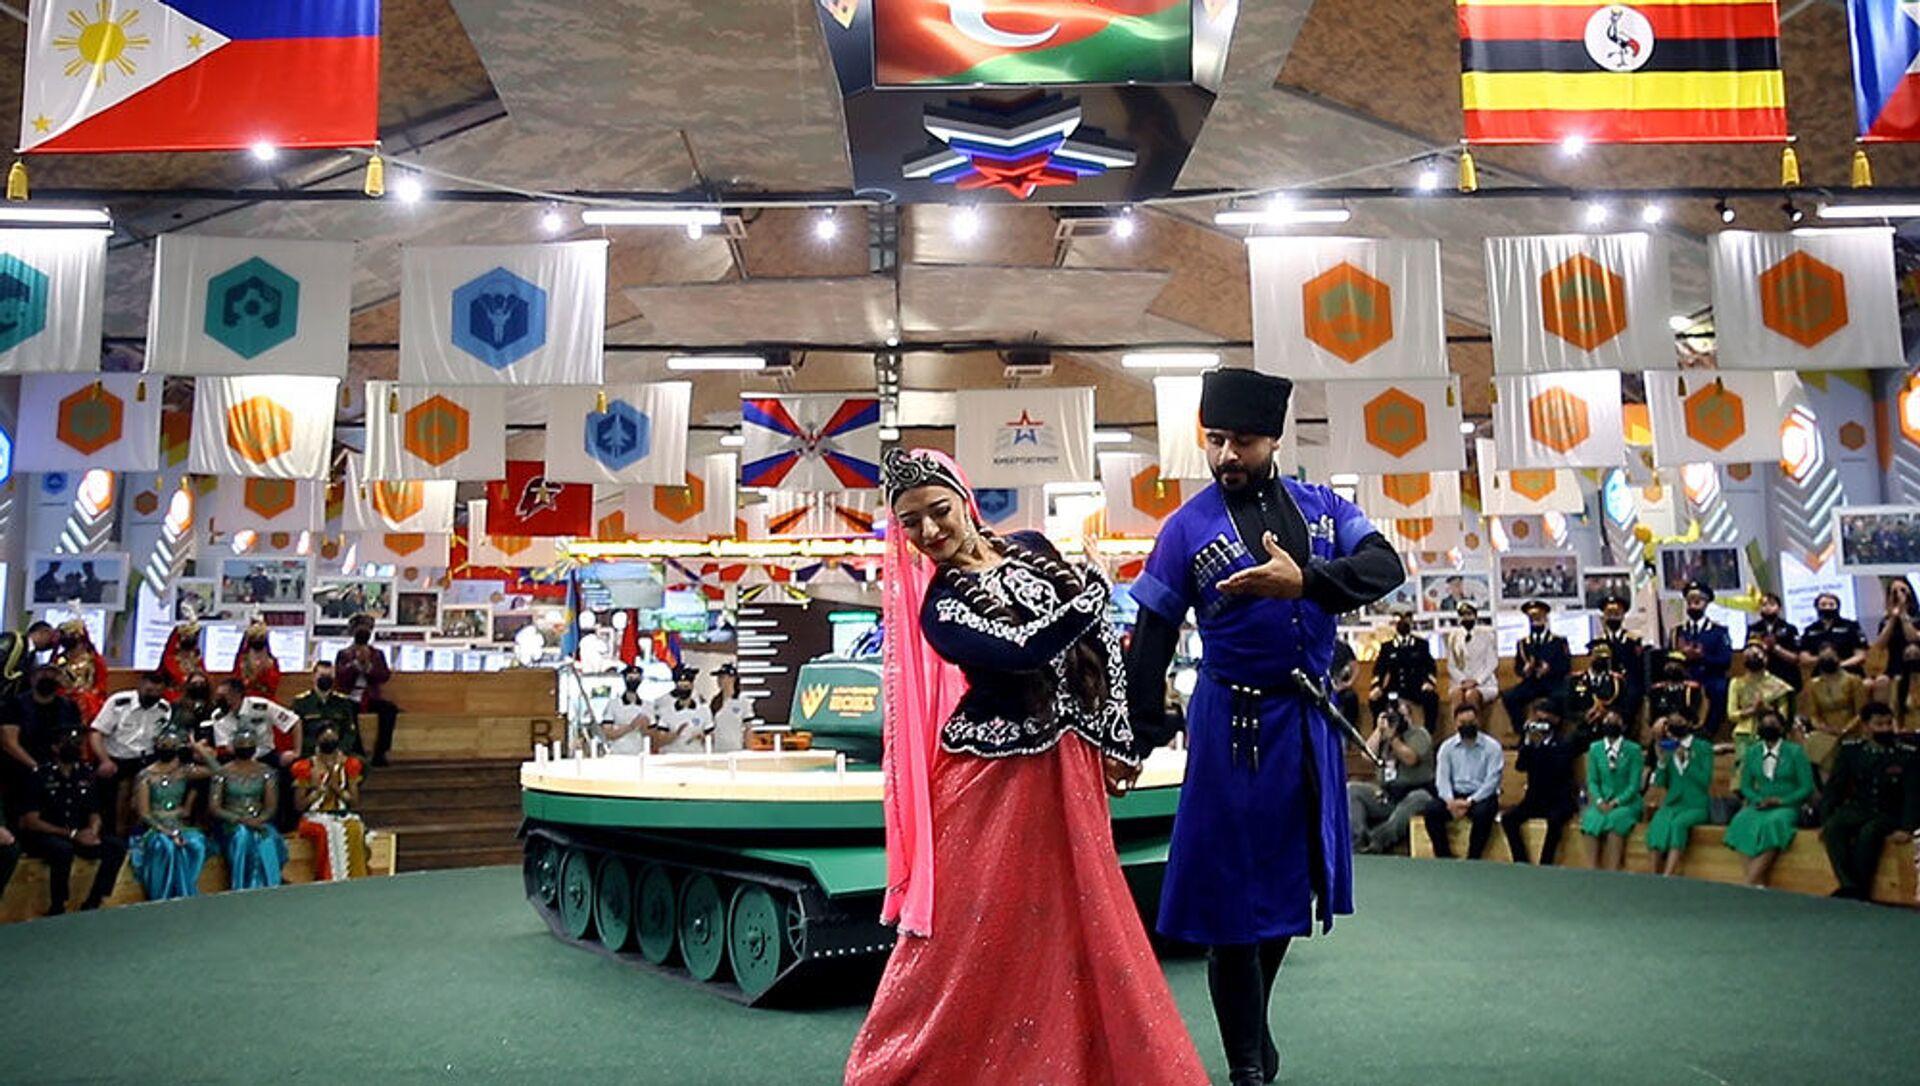 Azərbaycan hərbçiləri Moskvada Mədəniyyət Ordusu yaradıcılıq müsabiqəsində iştirak edir - Sputnik Azərbaycan, 1920, 23.08.2021